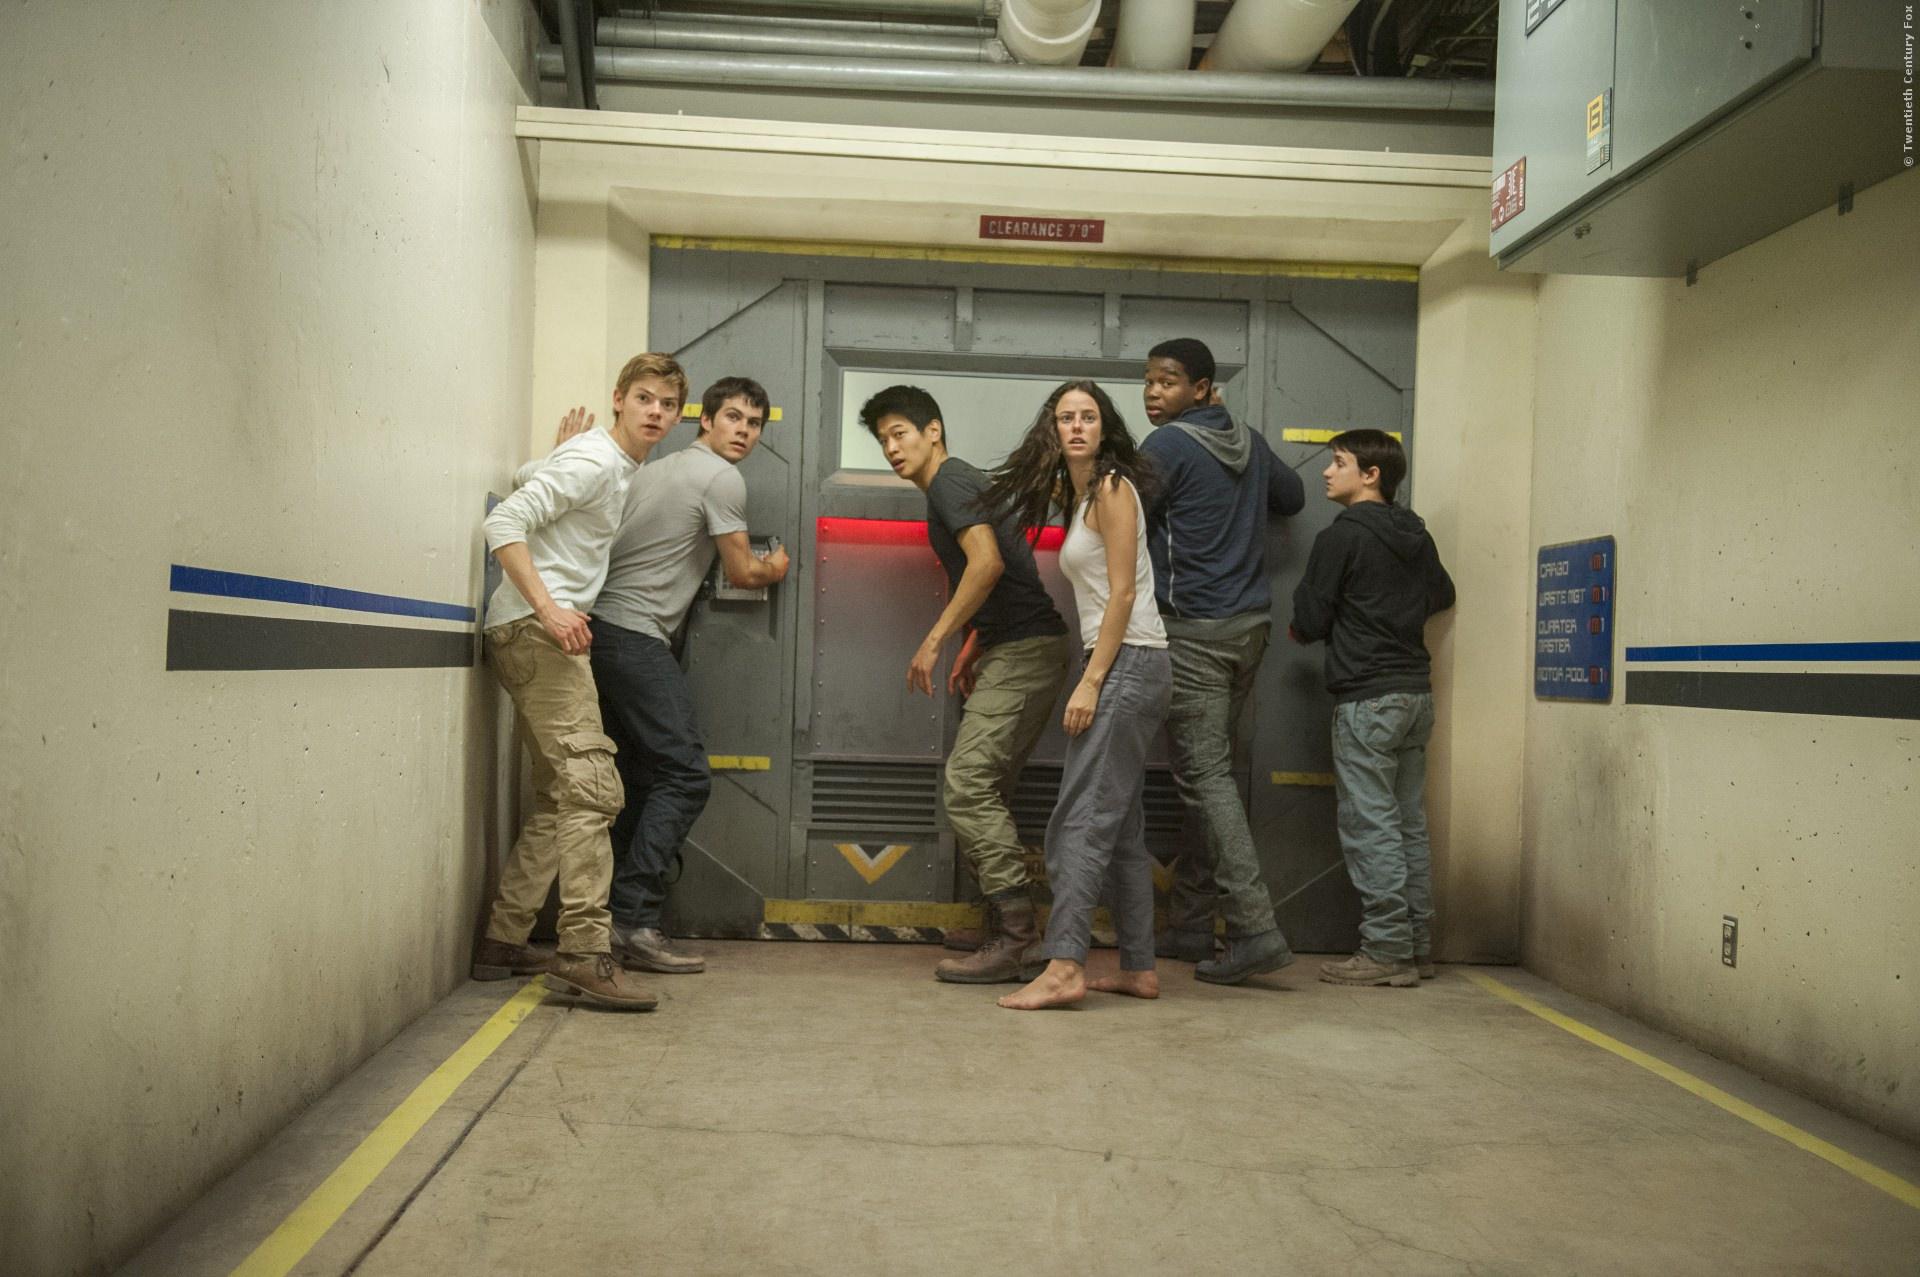 Newt (Thomas Brodie-Sangster), Thomas (Dylan OBrien), Minho (Ki Hong Lee), und Teresa (Kaya Scodelario)